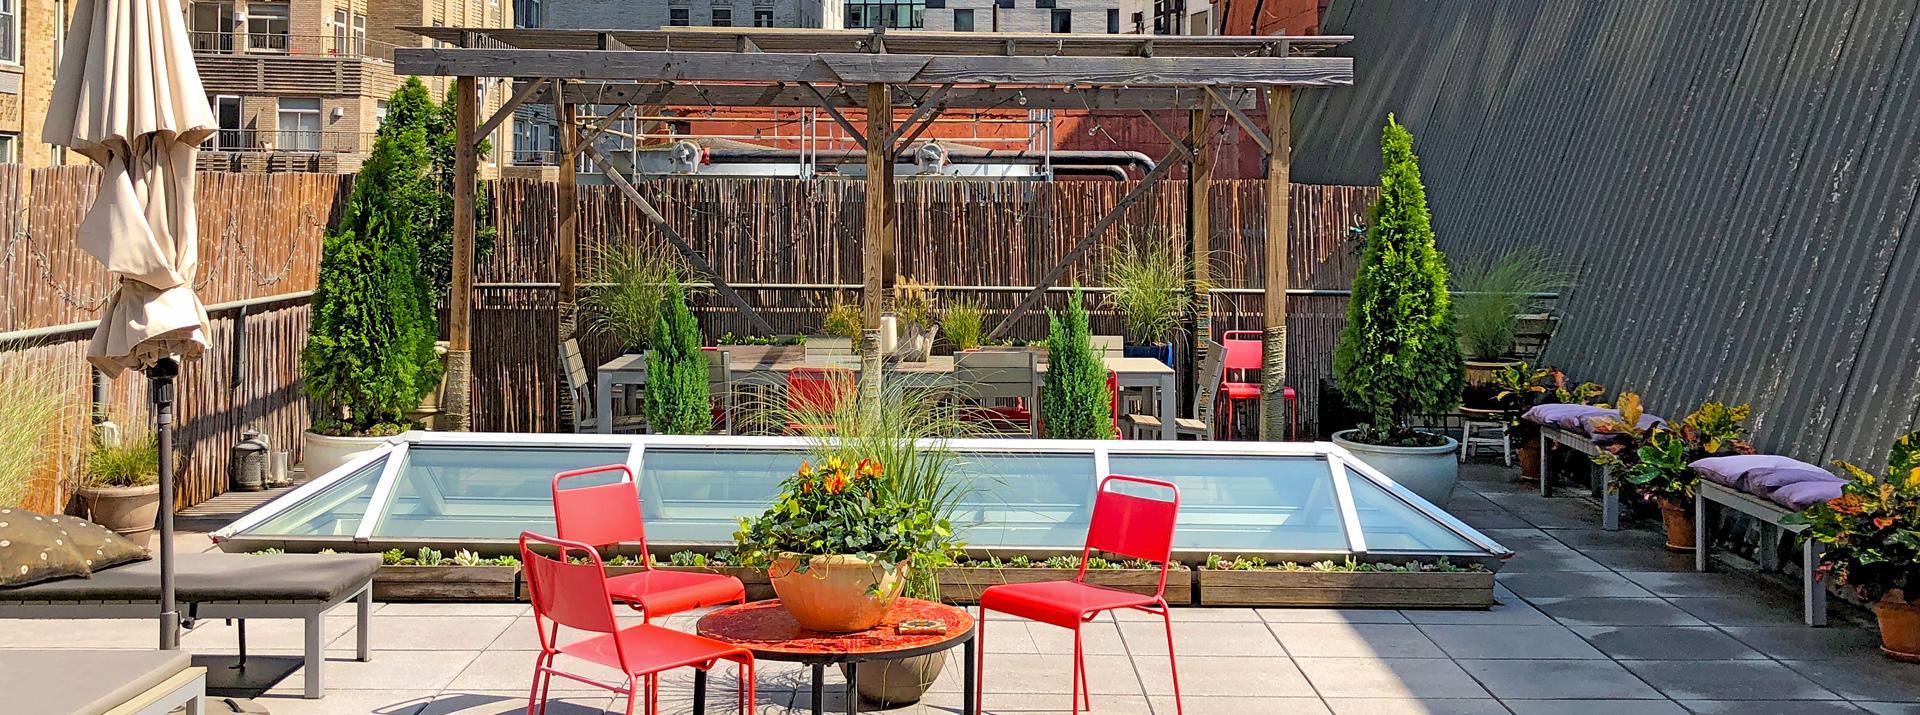 Luludi Living Art 90 William St Rooftop Garden